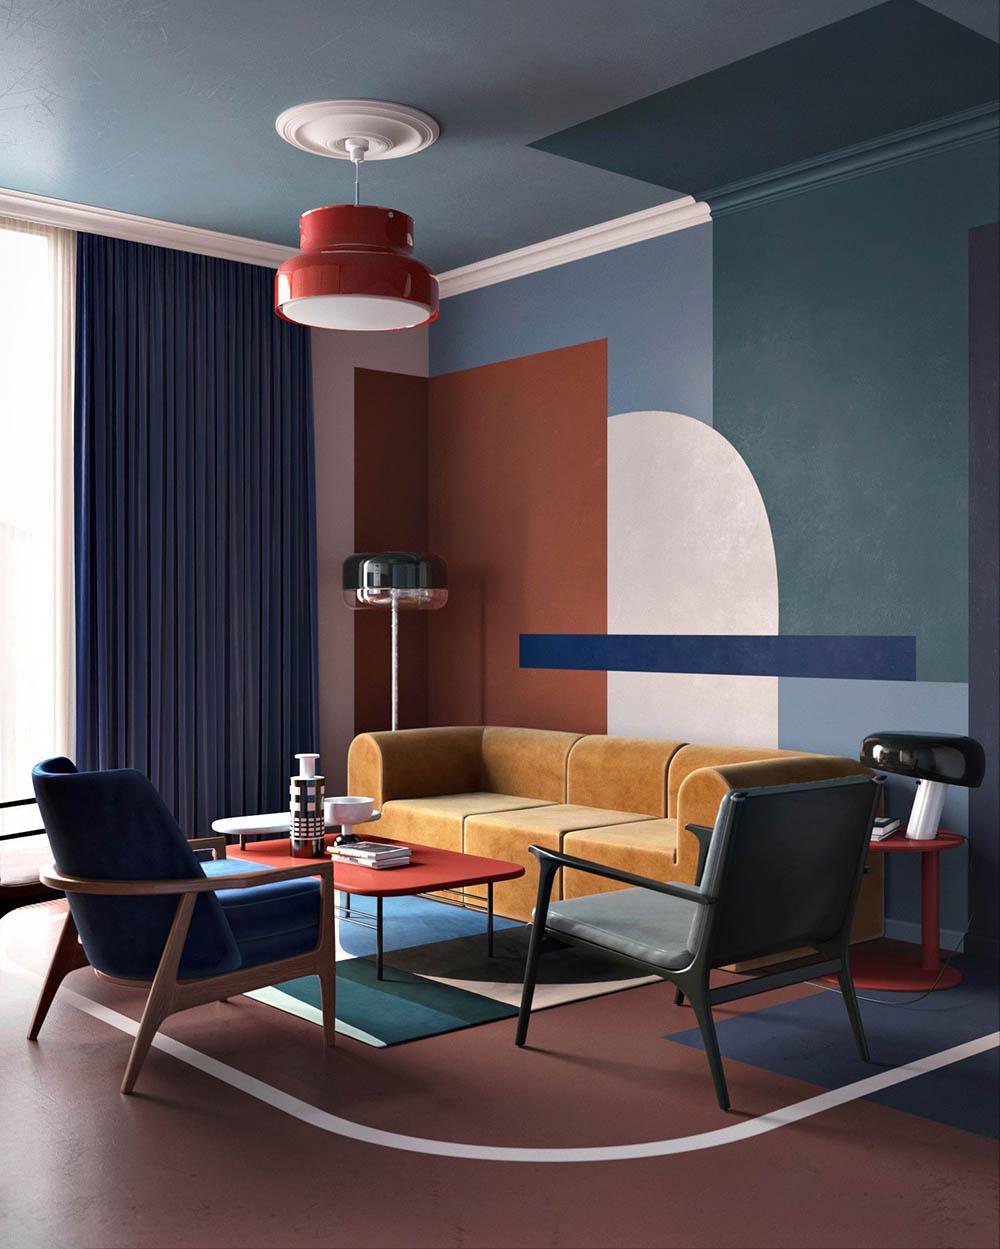 Phong cách Color Block là gì? BST 9+ thiết kế ấn tượng nhất